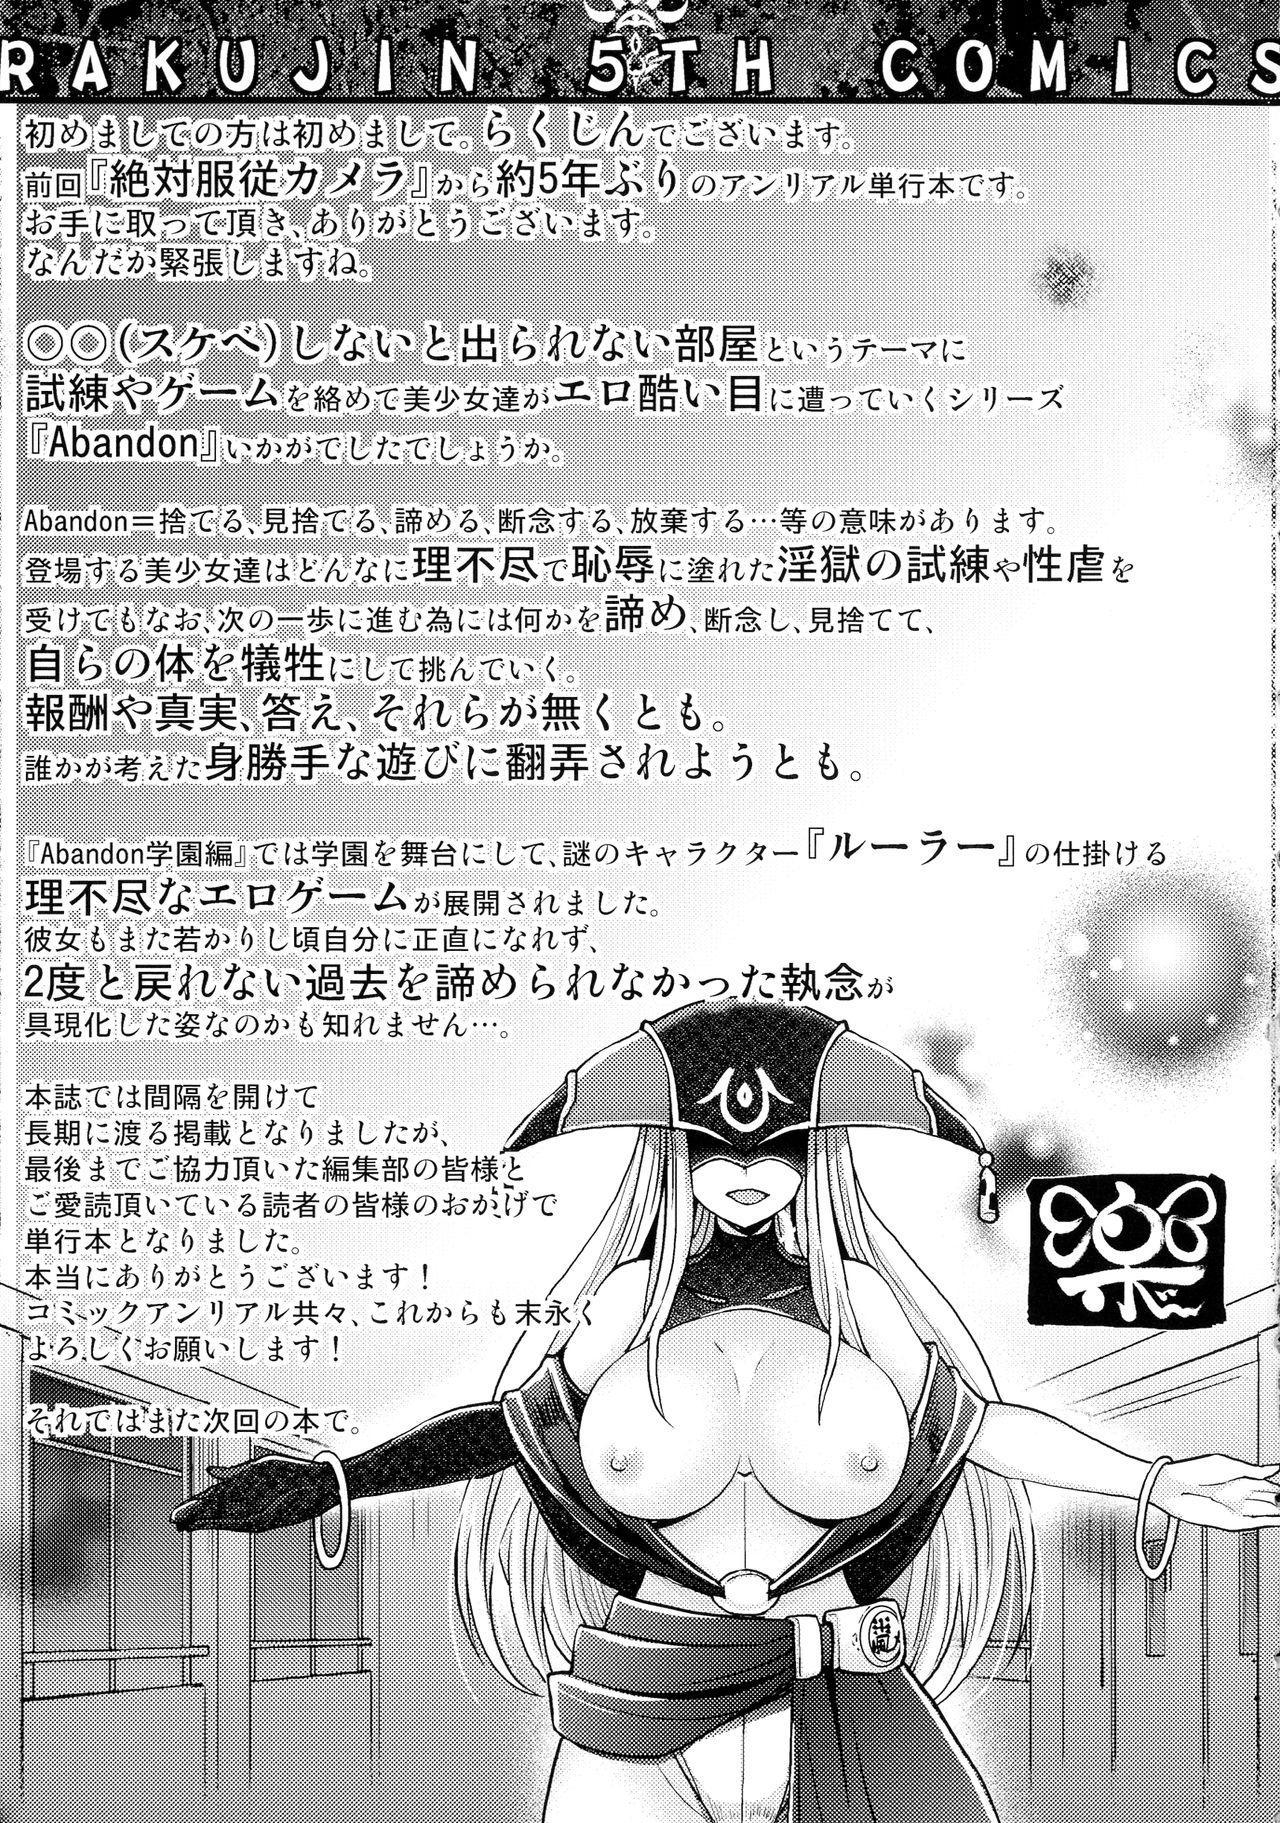 Abandon-100 Nukishinai to Derarenai Fushigi na Kyoushitsu 227